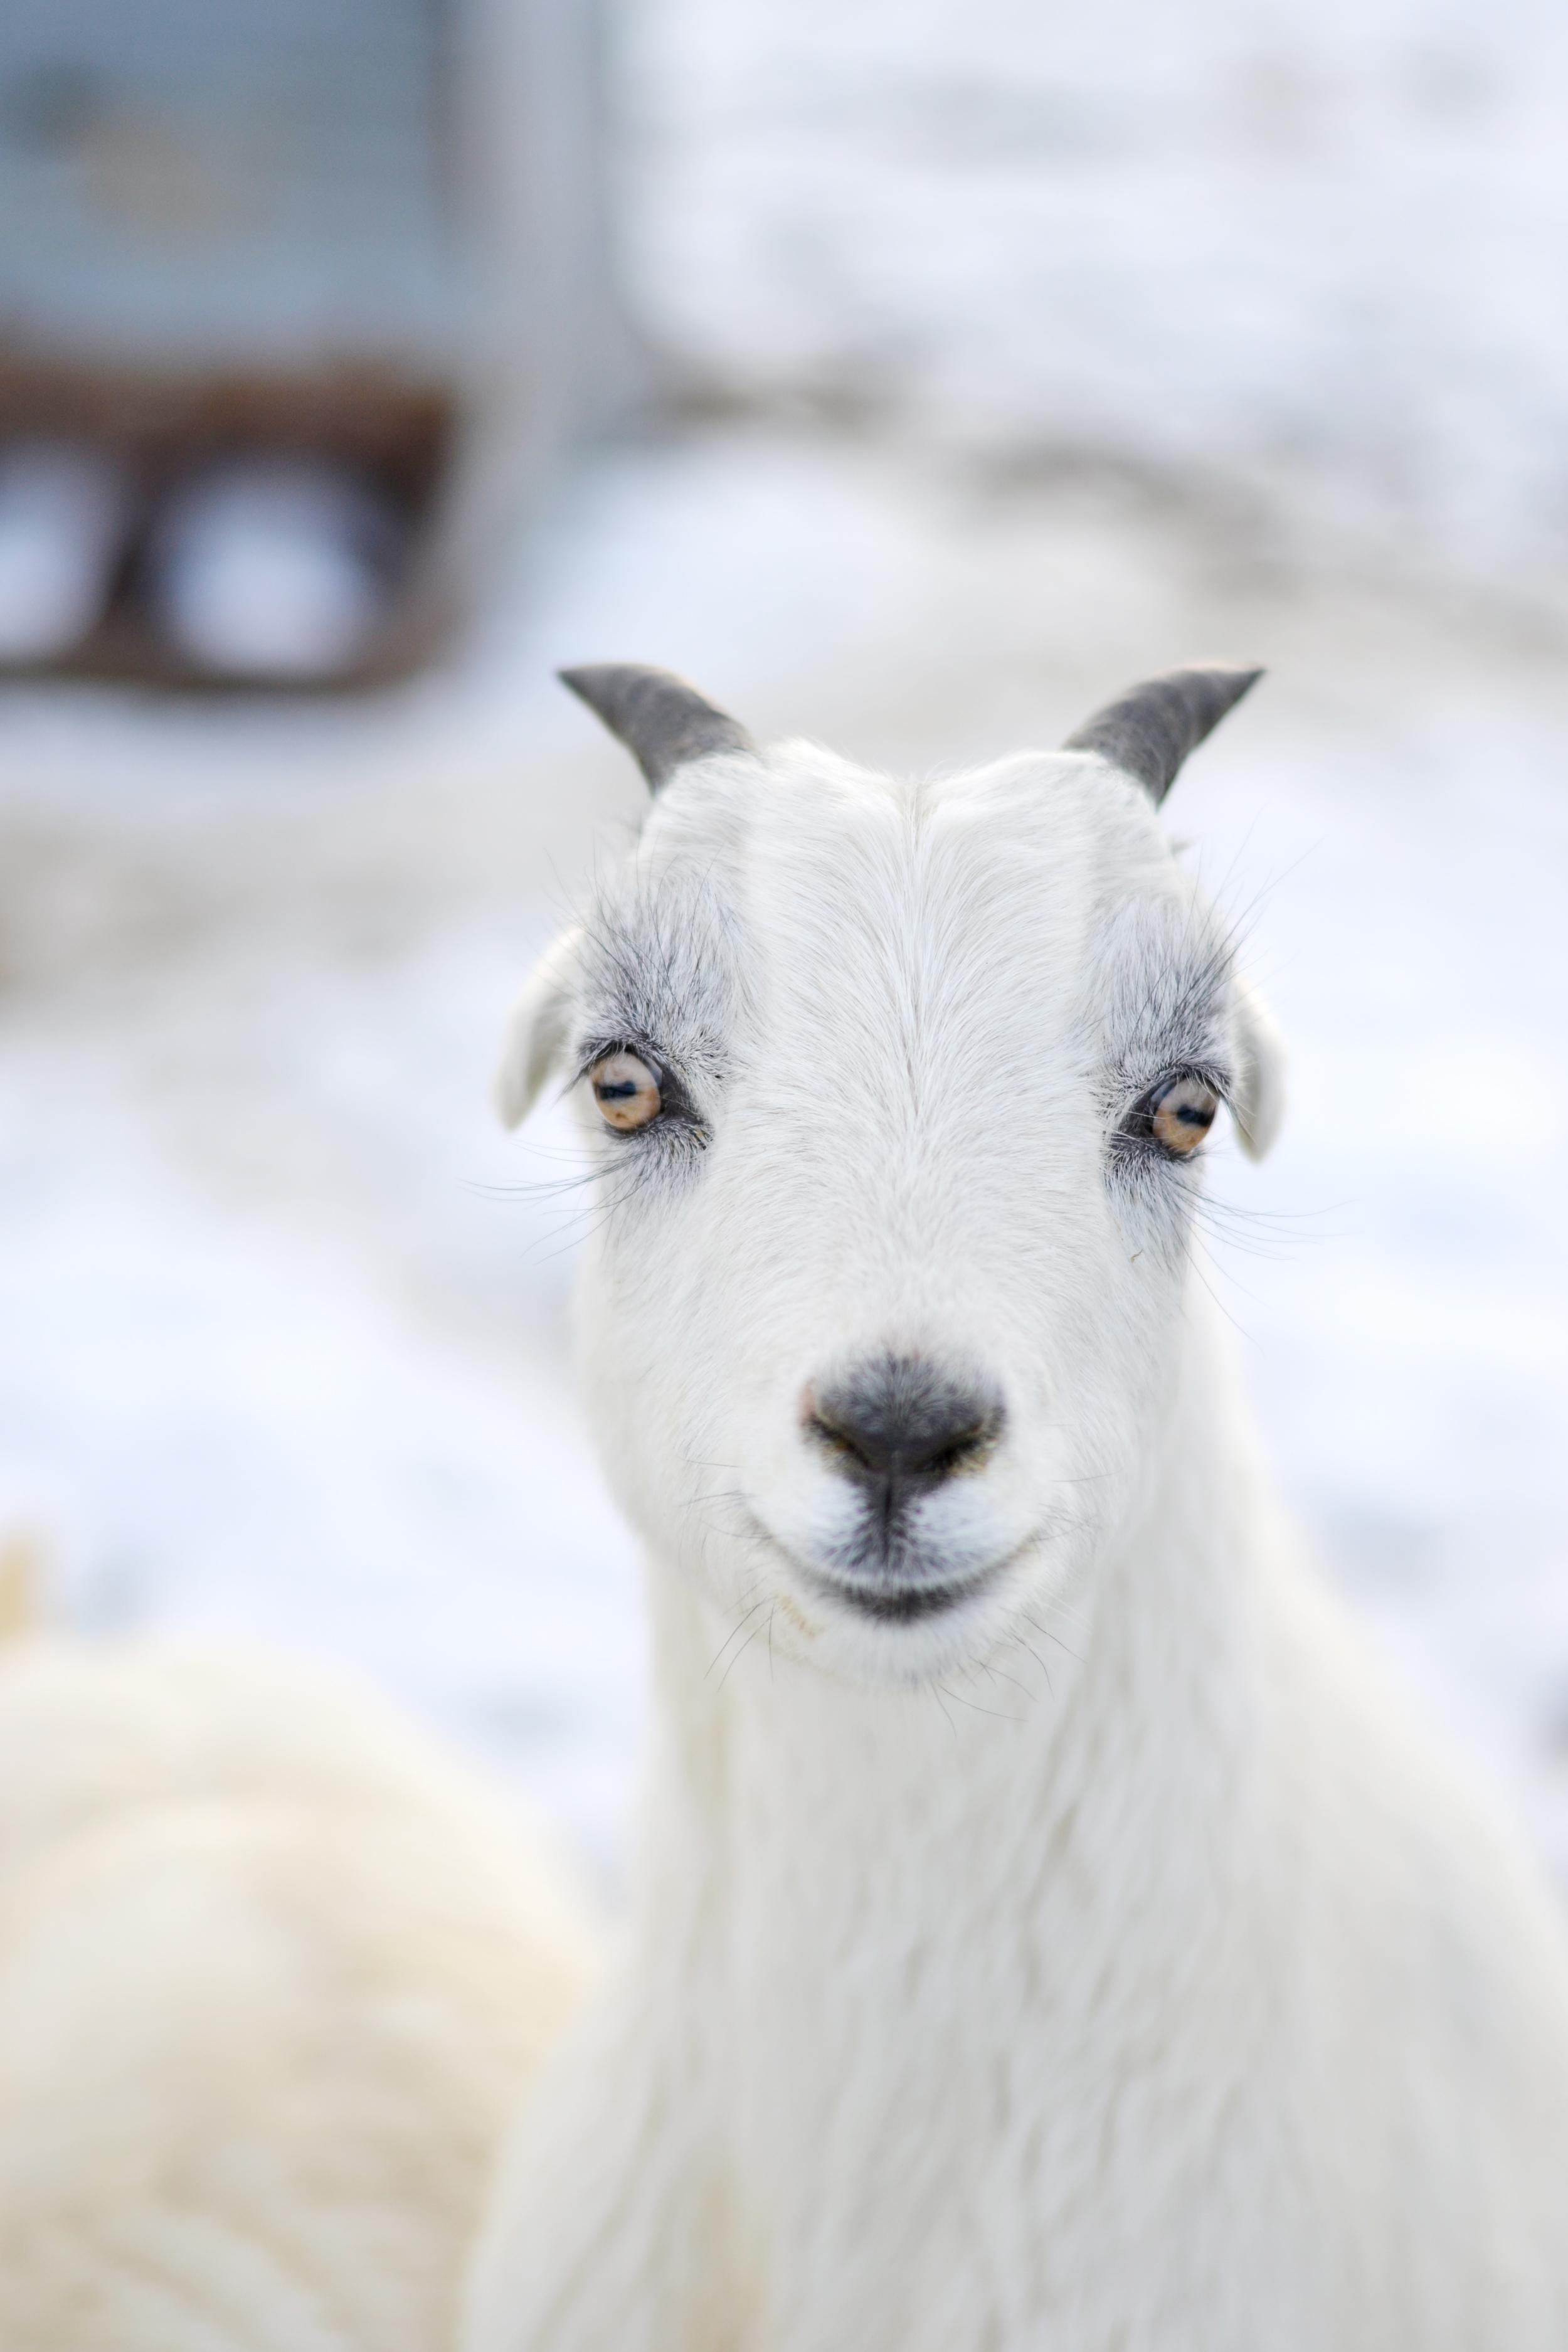 Baby goat with Eyelashes from Boxwood Avenue